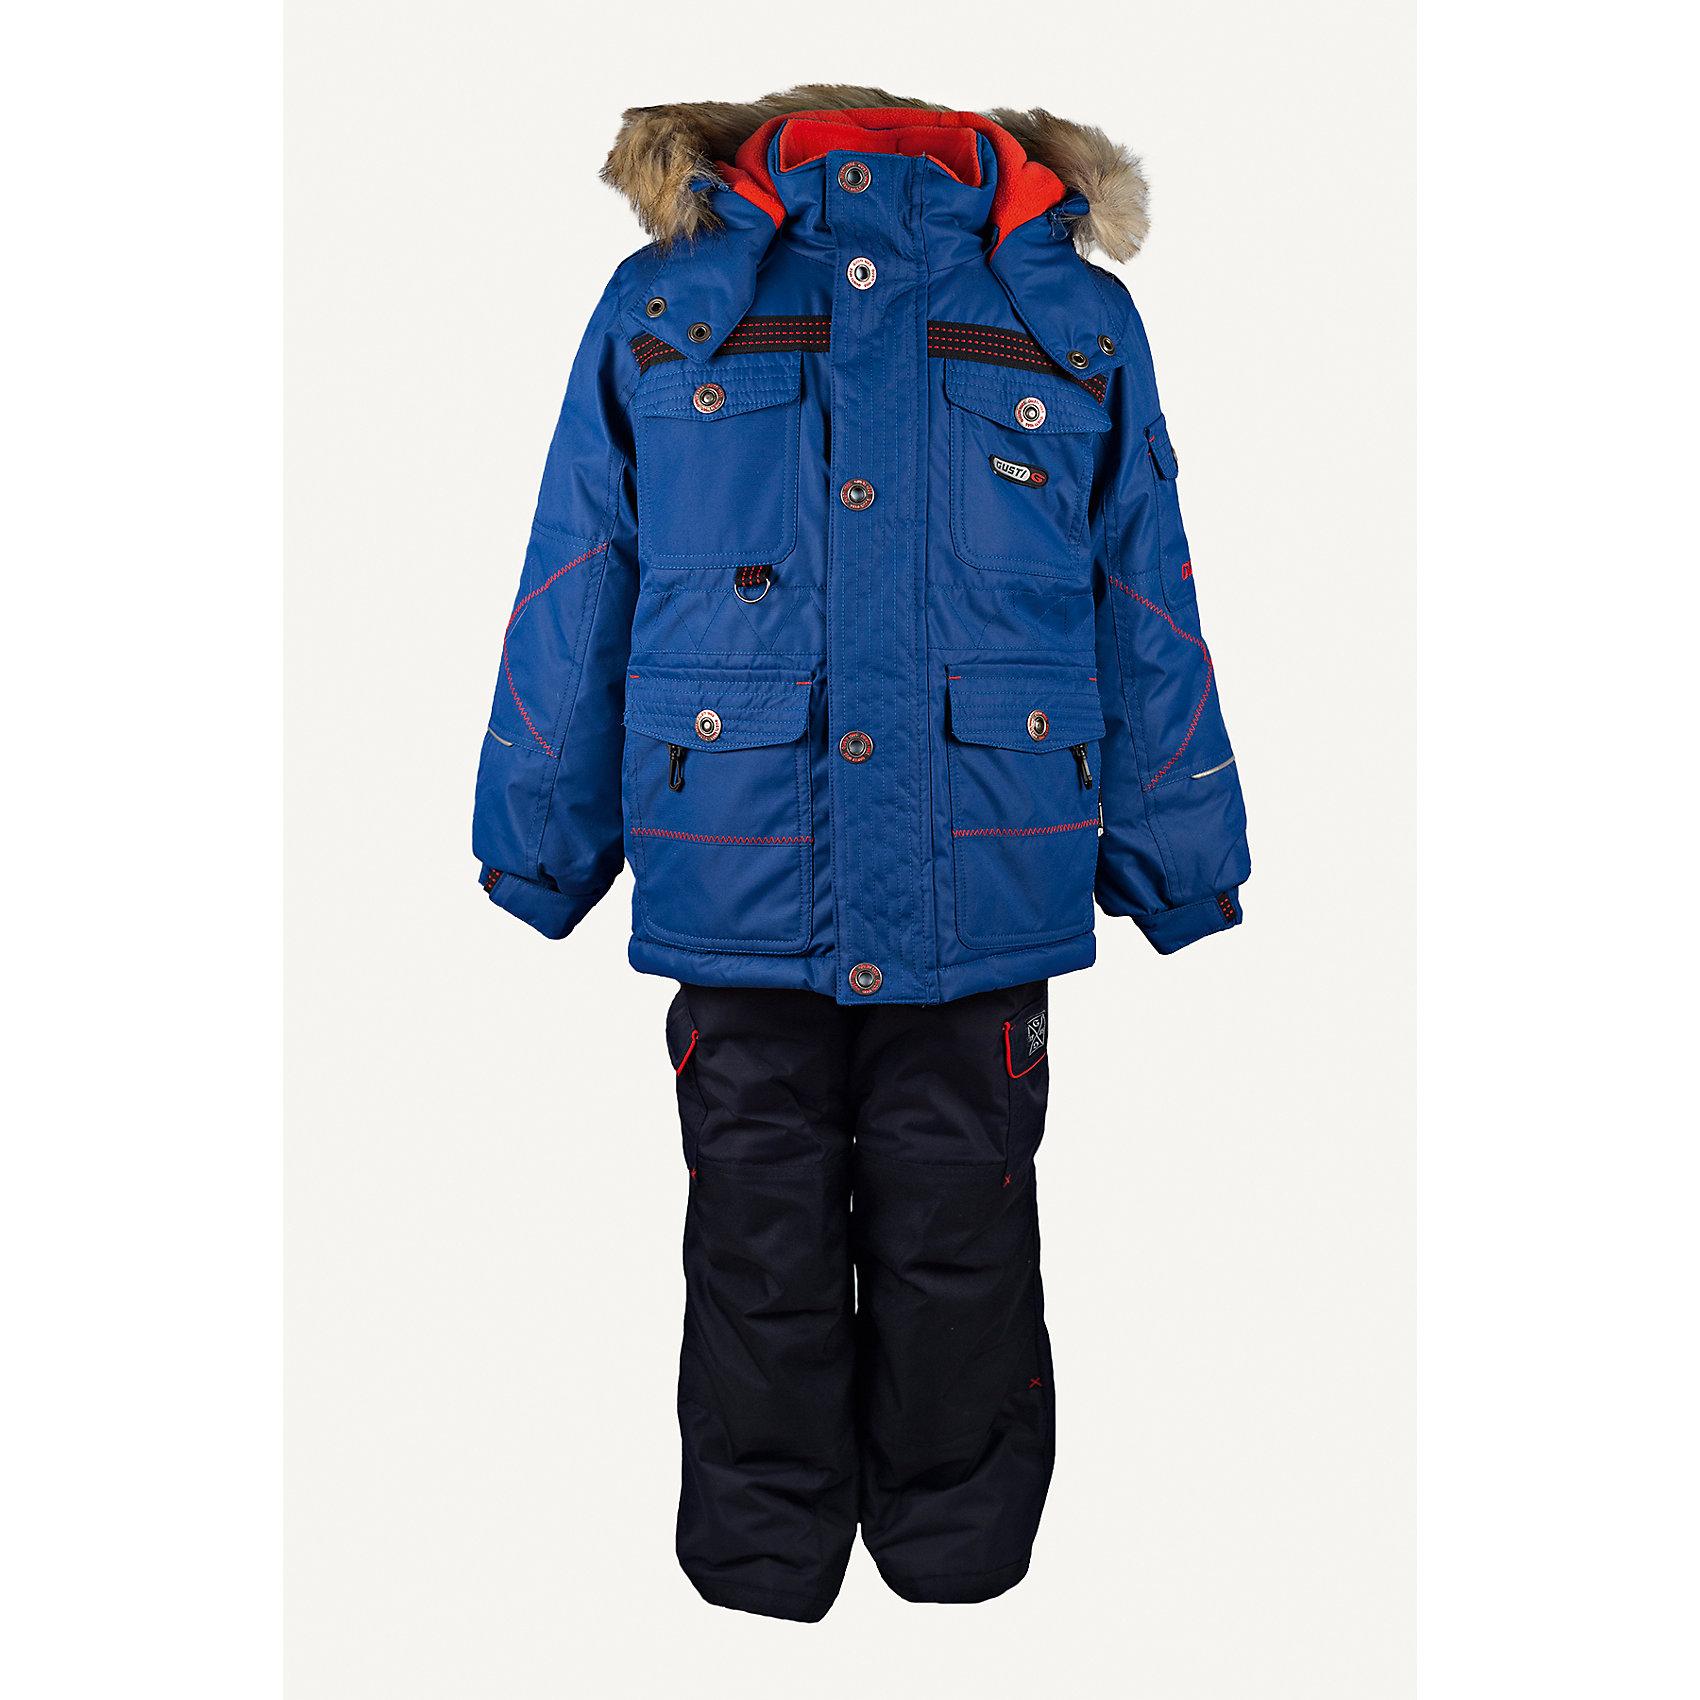 Комплект: куртка и полукомбинезон GUSTIКомплект: куртка и полукомбинезон GUSTI (ГУСТИ) – это идеальный вариант для суровой зимы с сильными морозами.<br><br>Температурный режим: до -30  градусов. Степень утепления – высокая. <br><br>* Температурный режим указан приблизительно — необходимо, прежде всего, ориентироваться на ощущения ребенка. Температурный режим работает в случае соблюдения правила многослойности – использования флисовой поддевы и термобелья.<br><br>Комплект от GUSTI состоит из куртки и полукомбинезона прямого кроя, выполненных из плотного непромокаемого материала с защитной от влаги мембраной 5000 мм. Тань хорошо сохраняет тепло, отталкивает влагу и позволяет коже ребенка дышать. Утеплитель из тек-полифилла и флисовая внутренняя отделка на груди и на спинке дают возможность использовать комплект при очень низких температурах. Куртка застегивается на молнию с ветрозащитной планкой, имеет четыре накладных кармана с клапанами, два внутренних кармана на молнии, снегозащитную юбку, трикотажные манжеты в рукавах, высокий ворот с защитой подбородка, отстёгивающийся прилегающий капюшон с флисовой подкладкой и оторочкой из искусственного меха. Низ рукавов регулируется с помощью липучек. Полукомбинезон застегивается на молнию, имеет два накладных кармана с клапанами, регулируемые лямки, снегозащитные гетры. Длина брючин регулируется (отворот с креплением на липе). Сзади, на коленях, и по низу брючин имеется дополнительный слой ткани Cordura Oxford (сверхстойкий полиэстер). До размера 6х (120 см) у полукомбинезона высокая грудка, в размерах 7 (122 см) -14 (164см) отстегивающаяся спинка, грудки нет.<br><br>Дополнительная информация:<br><br>- Пол: мальчик<br>- Цвет: синий, серый<br>- Узор: однотонный<br>- Температурный режим до -30 градусов<br>- Материал верха: куртка - shuss 5000мм (100% полиэстер); брюки - taslan 5000мм, накладки Cordura Oxford сзади, на коленях, и по низу брючин<br>- Наполнитель: куртка - тек-полифилл плотностью 283 гр/м (10 унций) 100% полиэсте